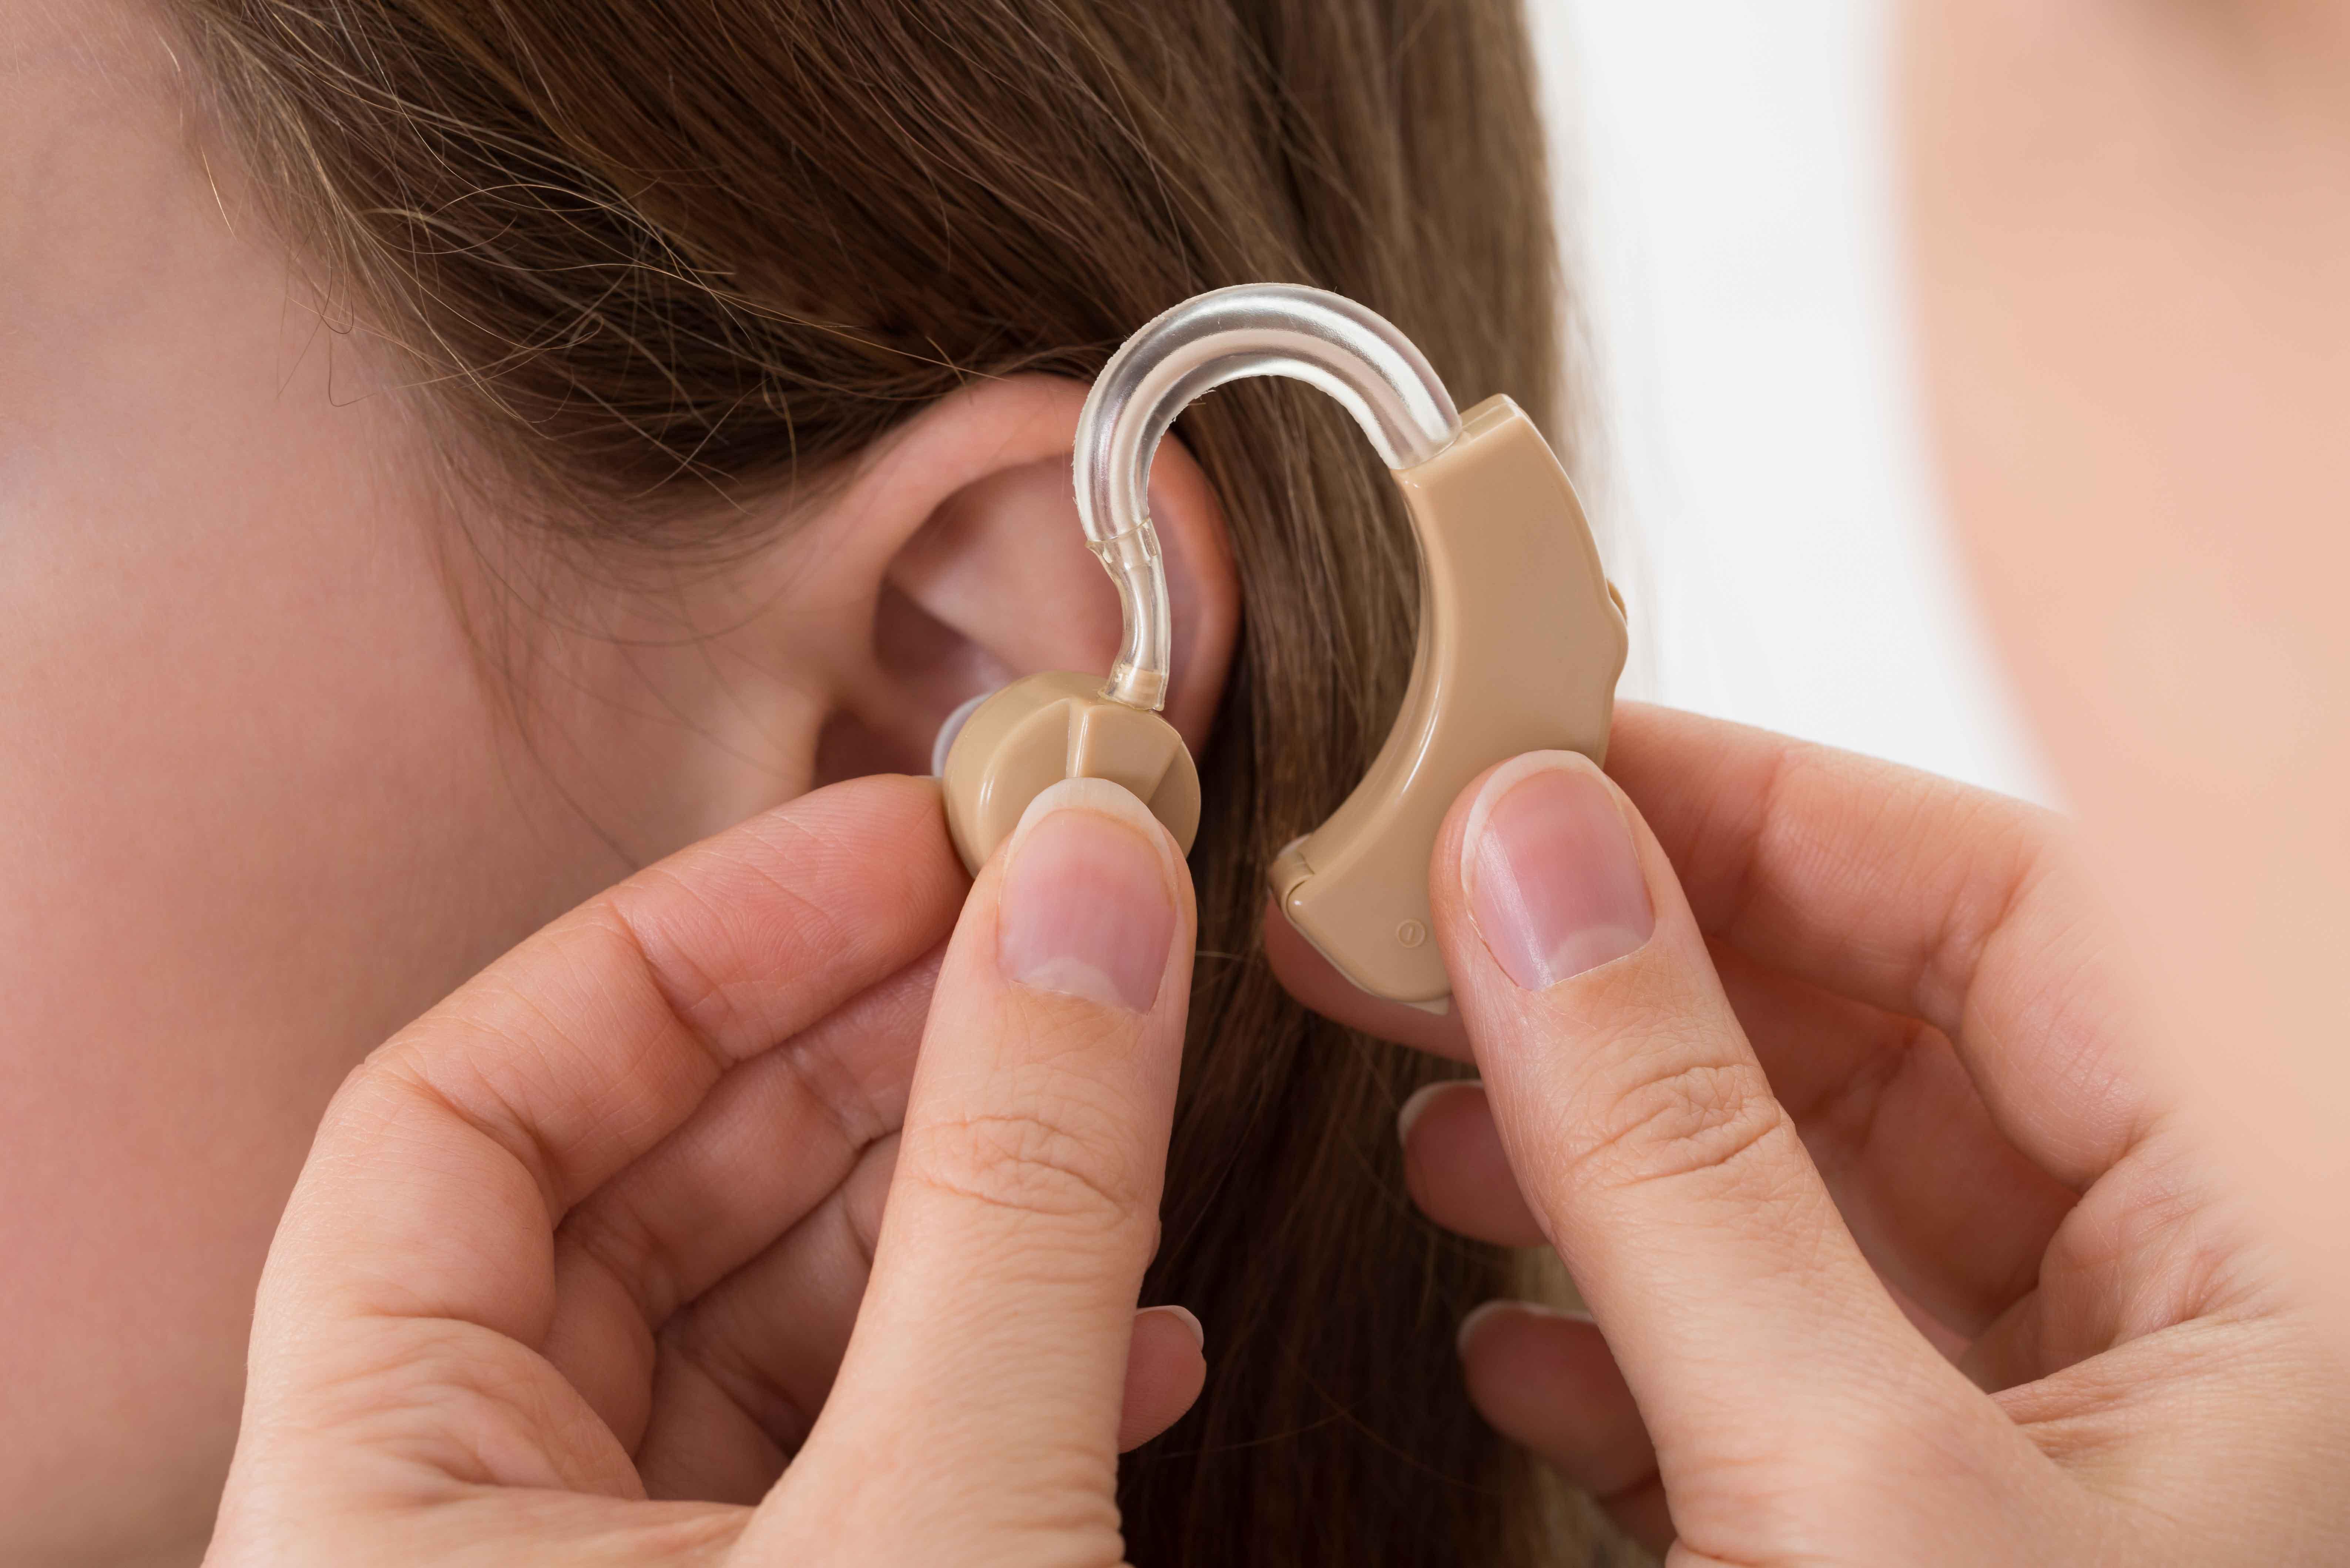 Chica poniéndose prótesis en oreja